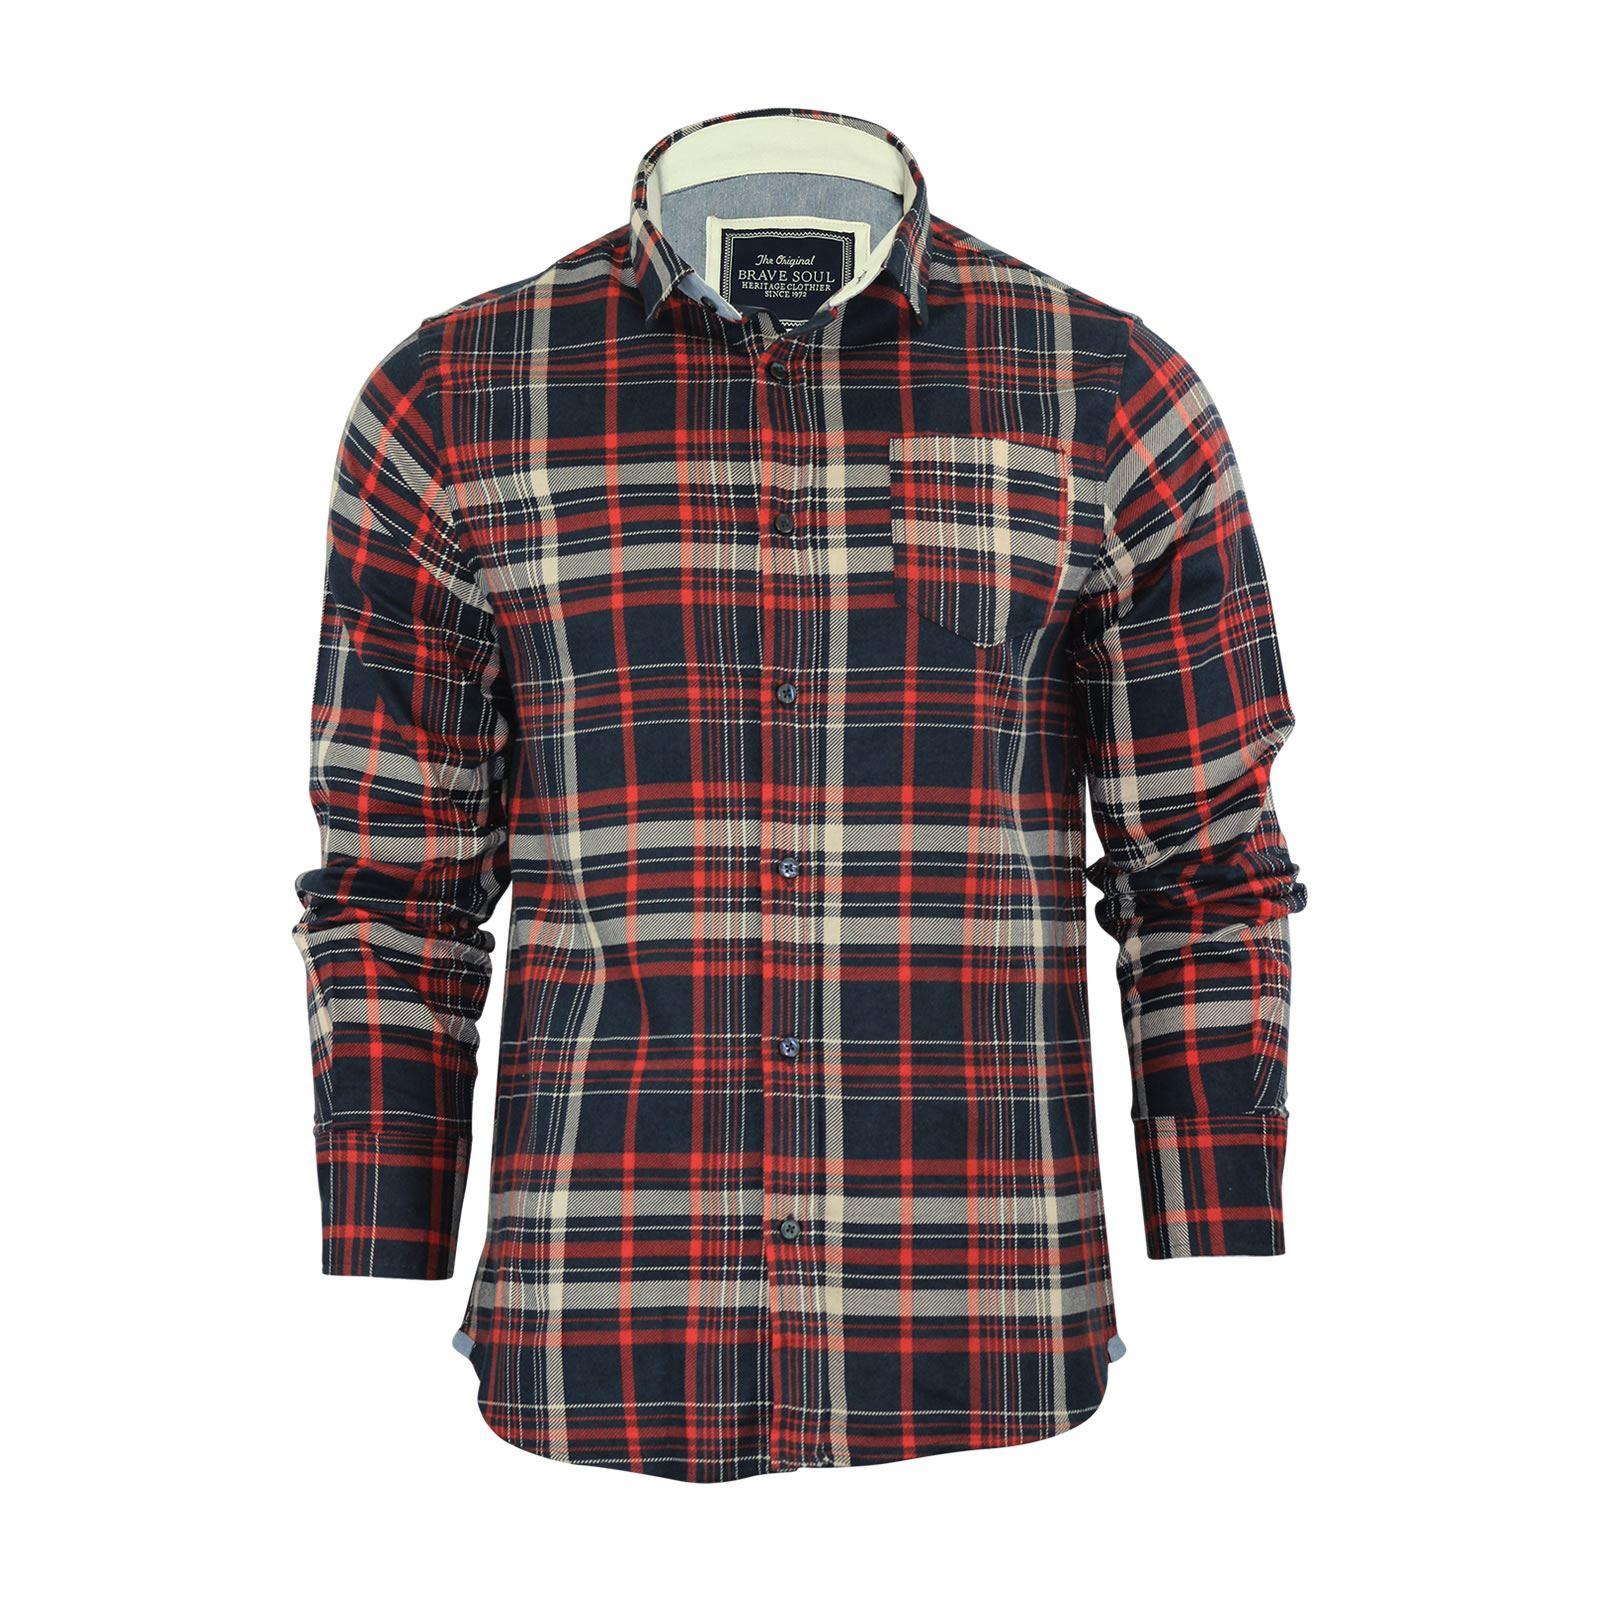 Alma-VALIENTE-HOMBRE-compruebe-Camisa-Algodon-Cepillado-De-Franela-Top-Manga-Larga-Casual miniatura 93